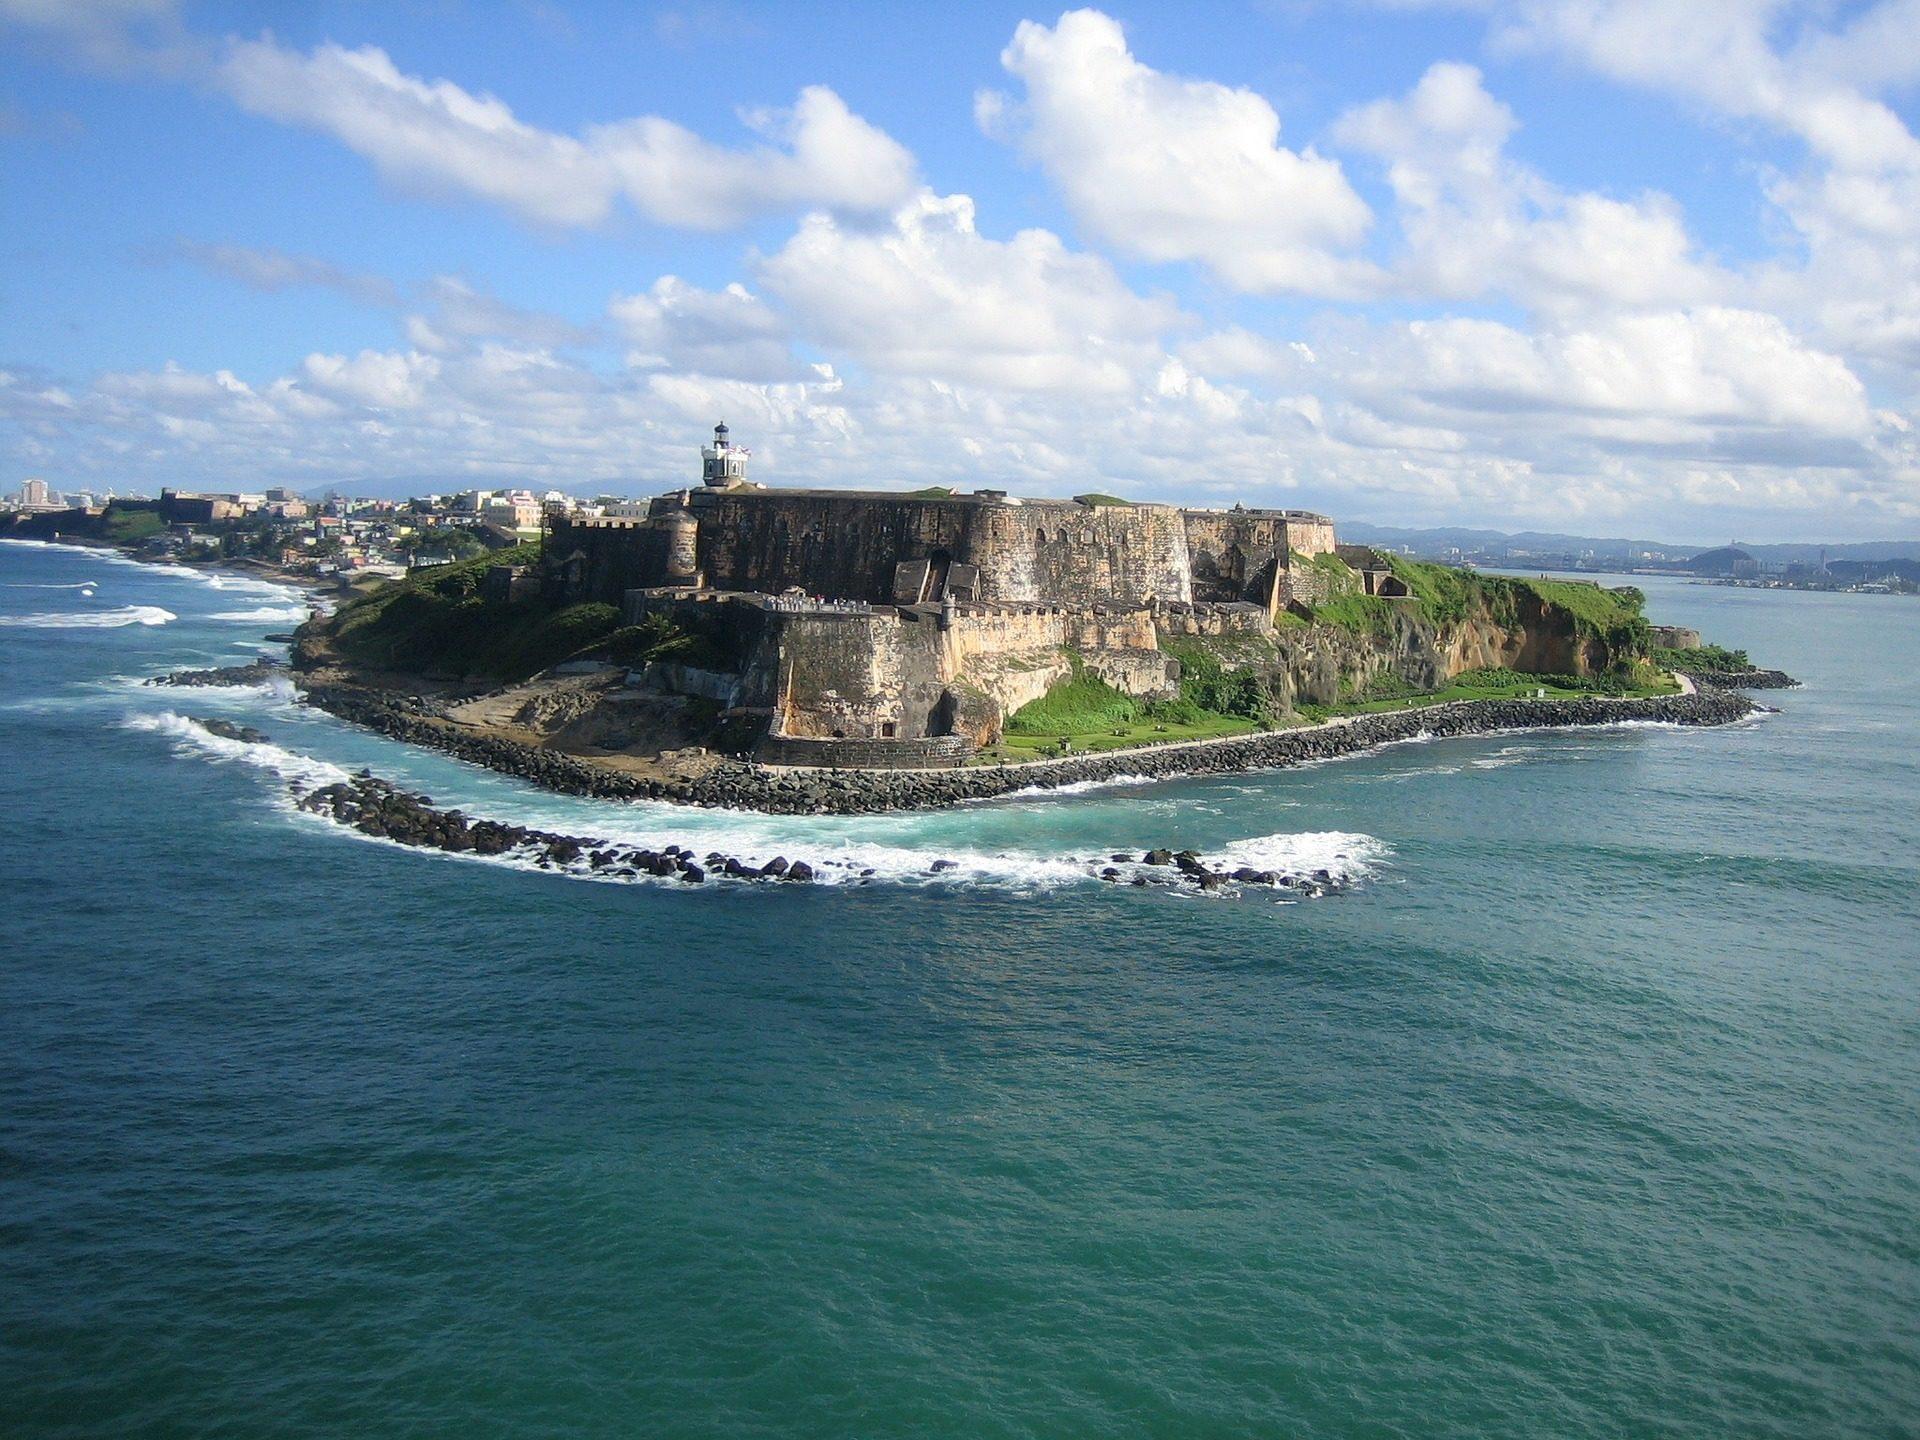 Puerto Rico El Morro